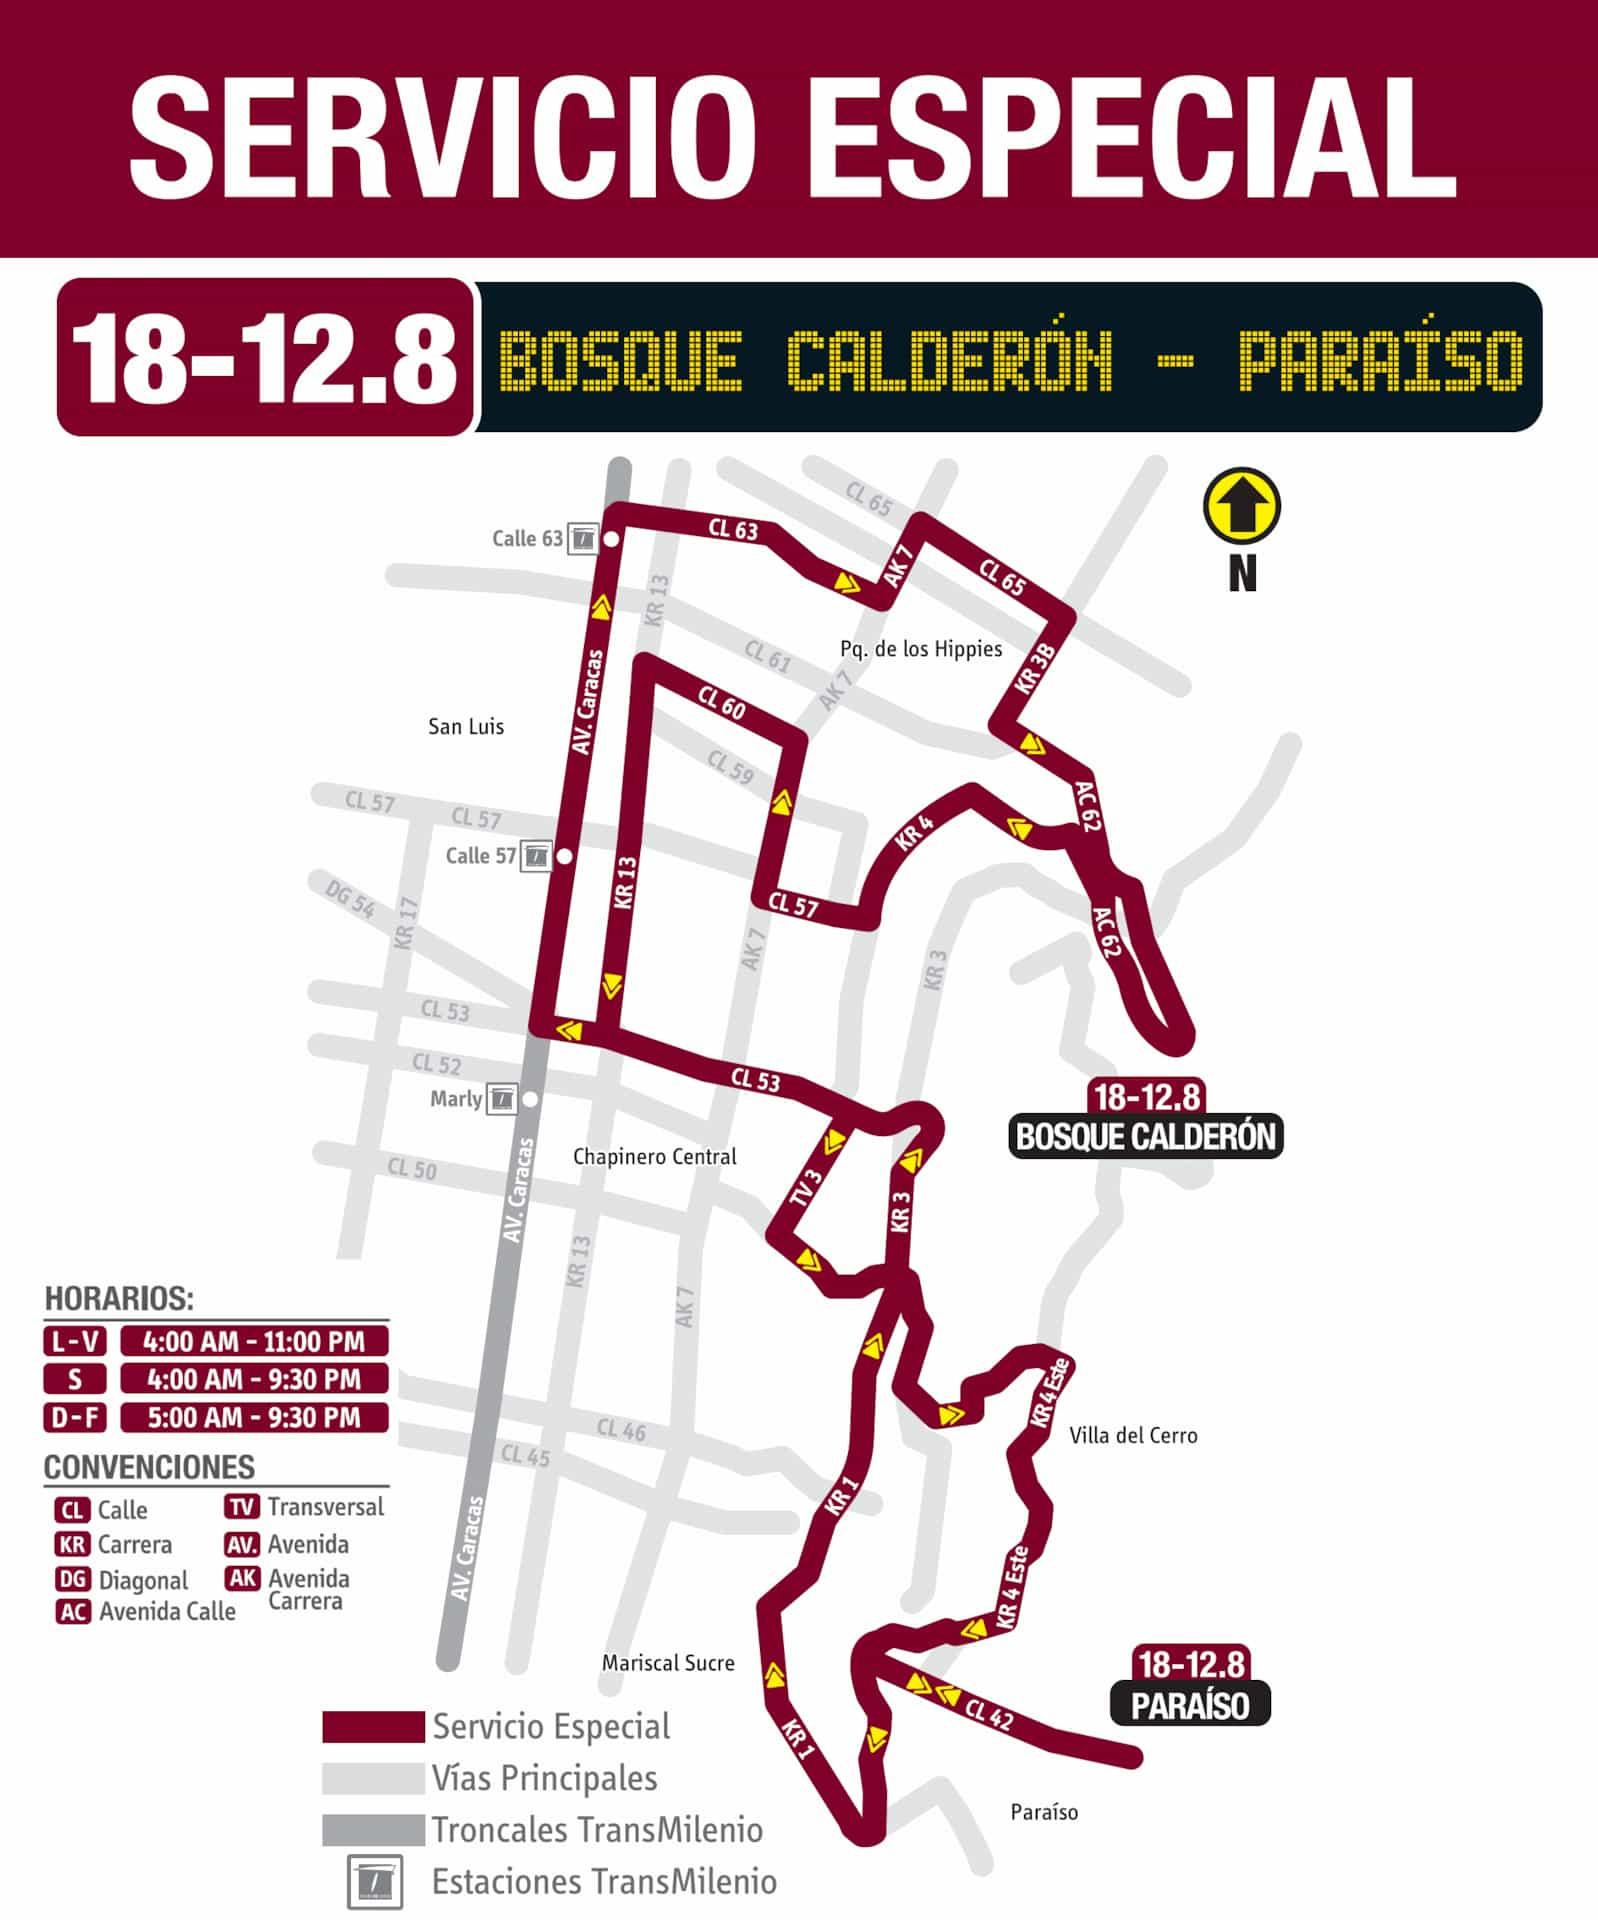 18-12.8 Bosque Calderón - Paraíso, ruta especial, Bogotá, Colombia